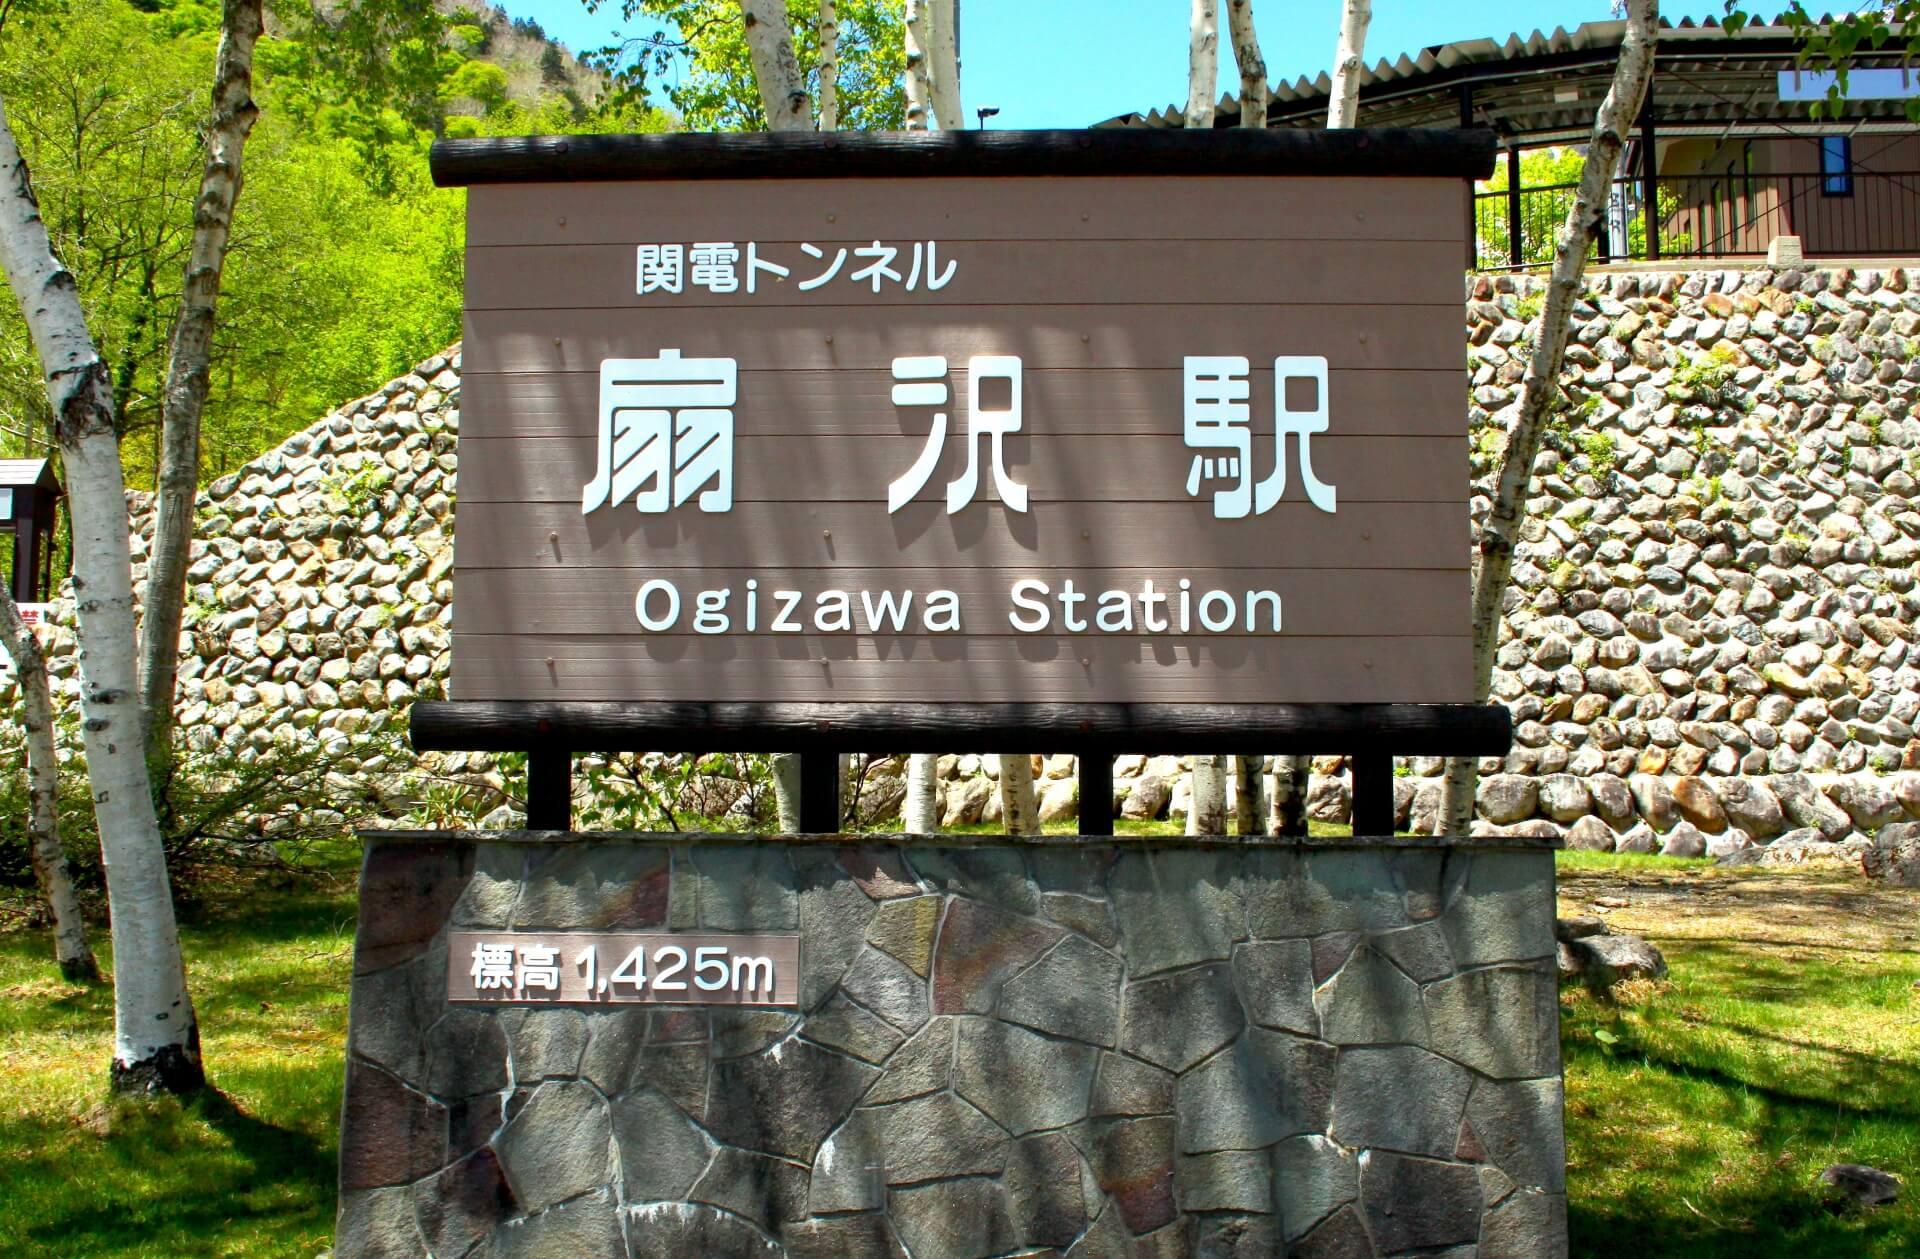 ogizawa-station-tateyama-kurobe